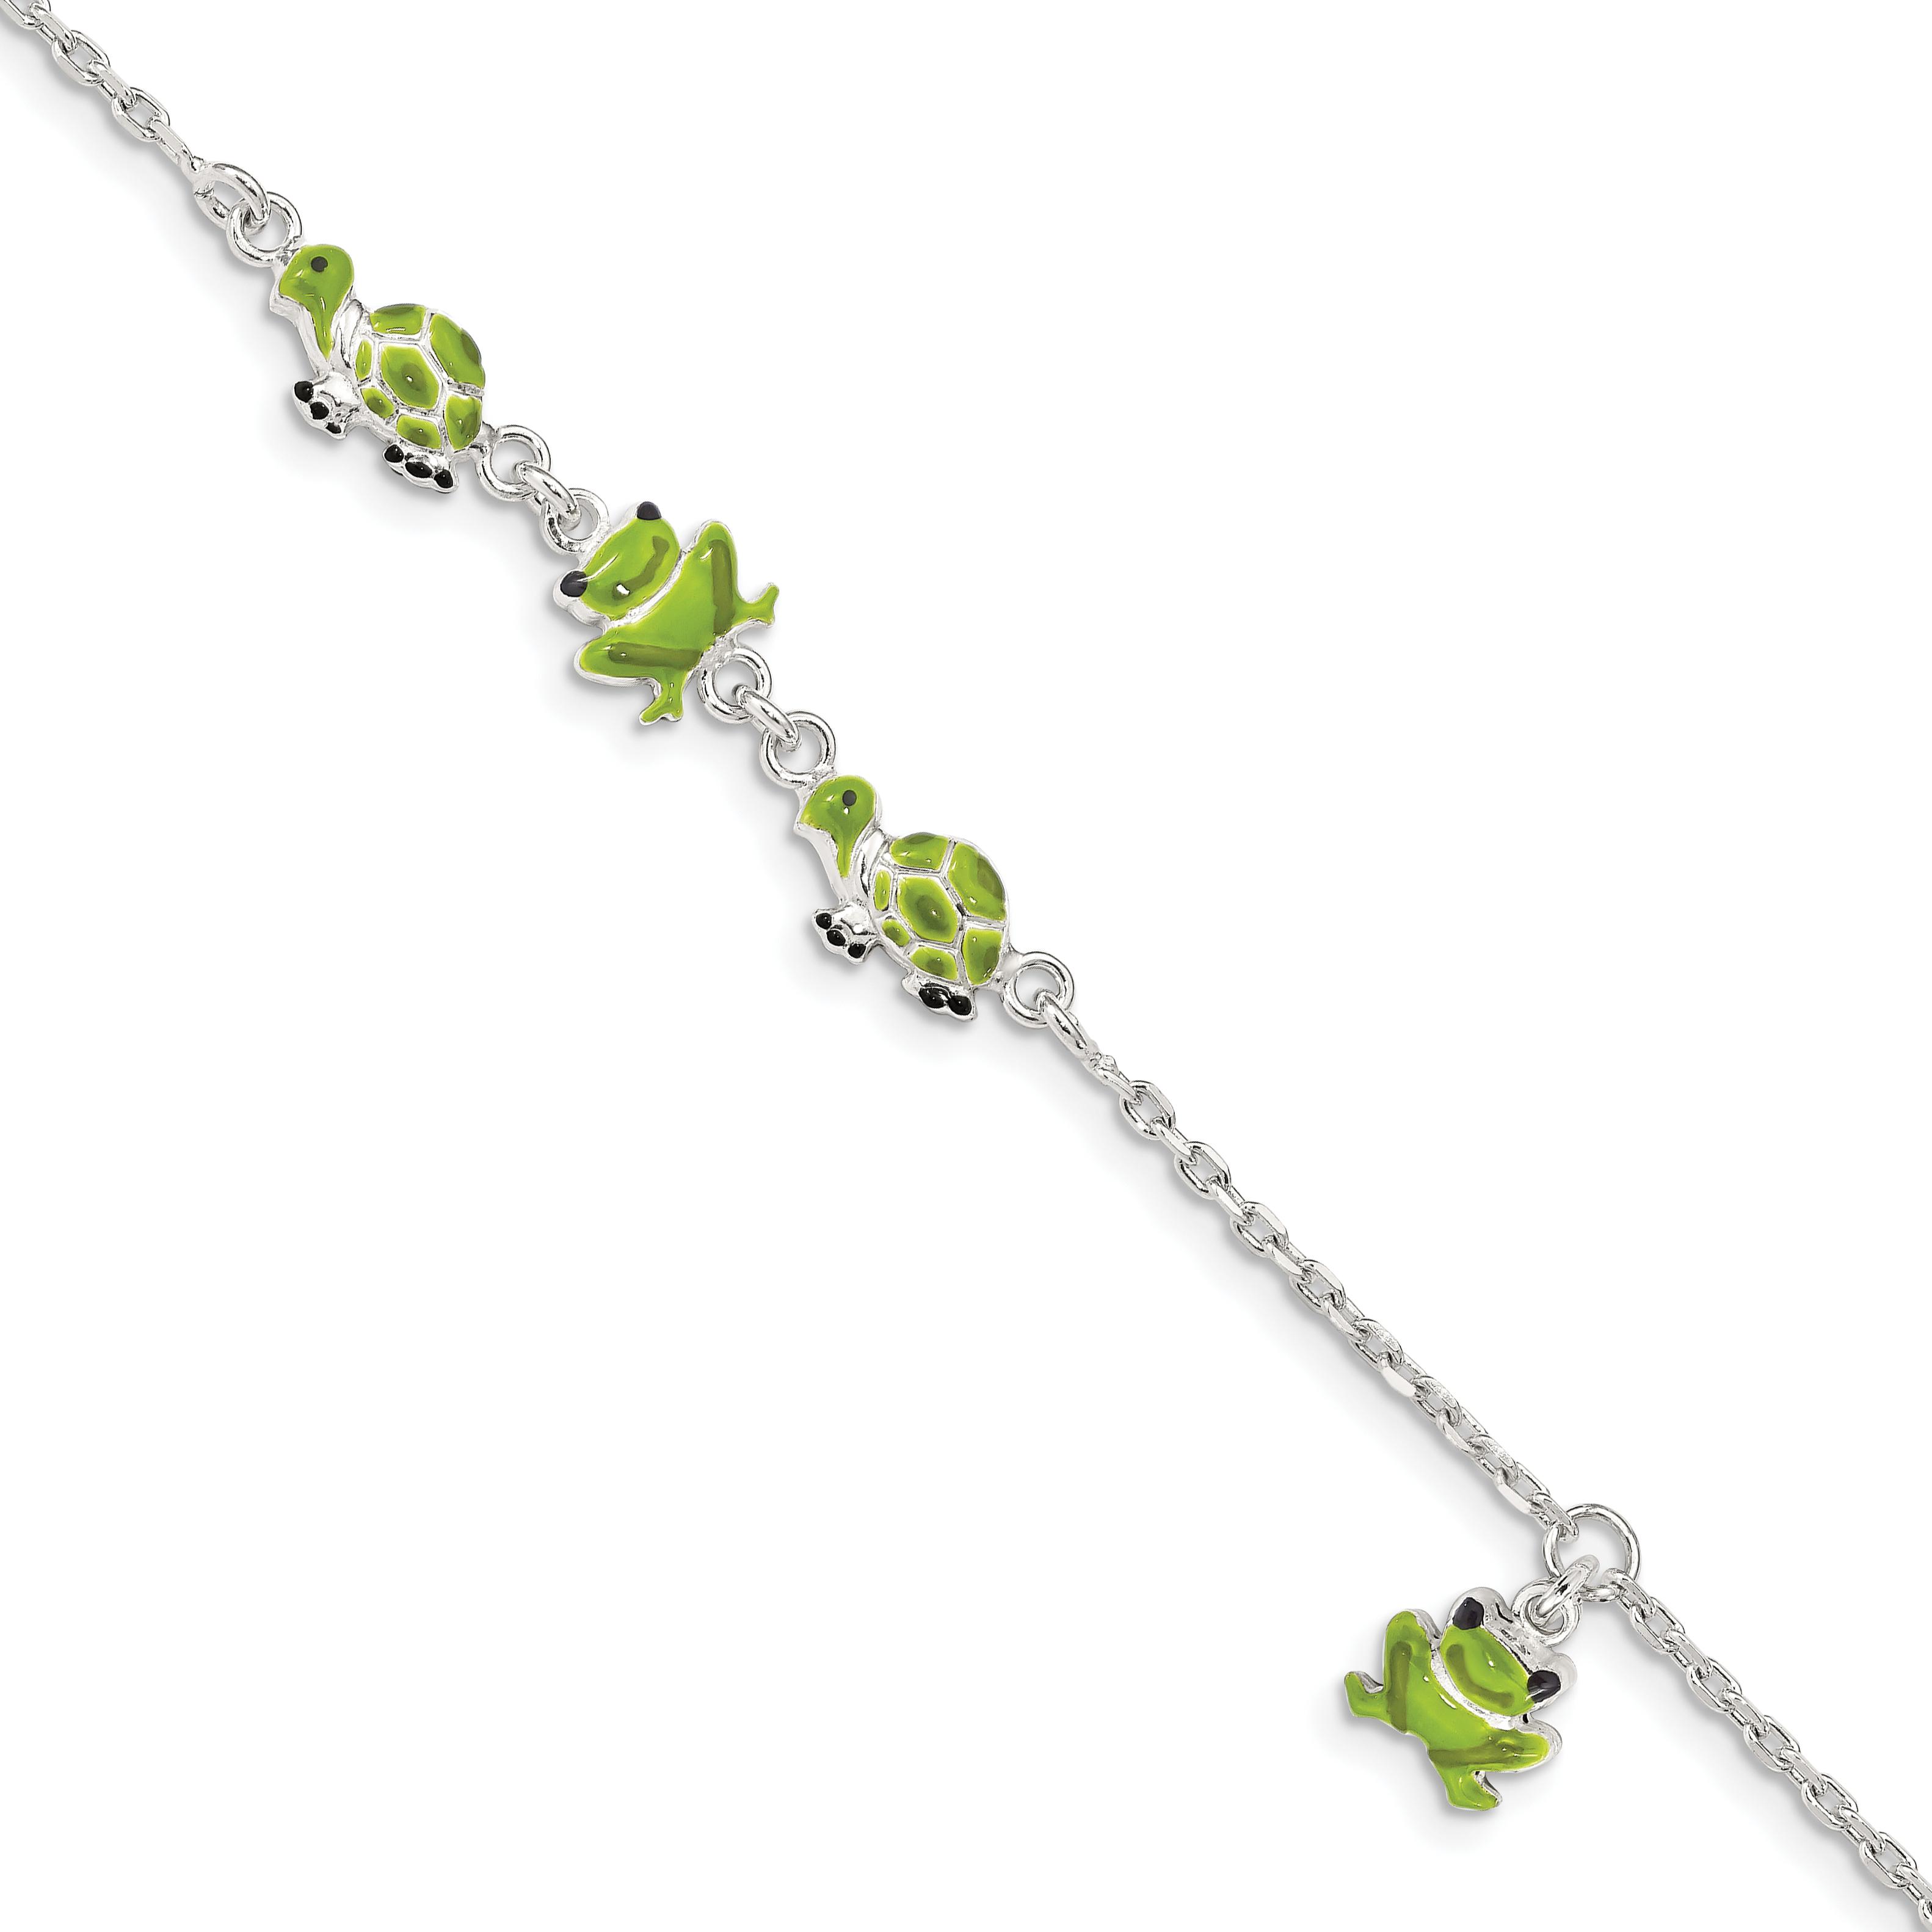 925 Sterling Silver Enamel Turtle Frog 6 Inch Bracelet